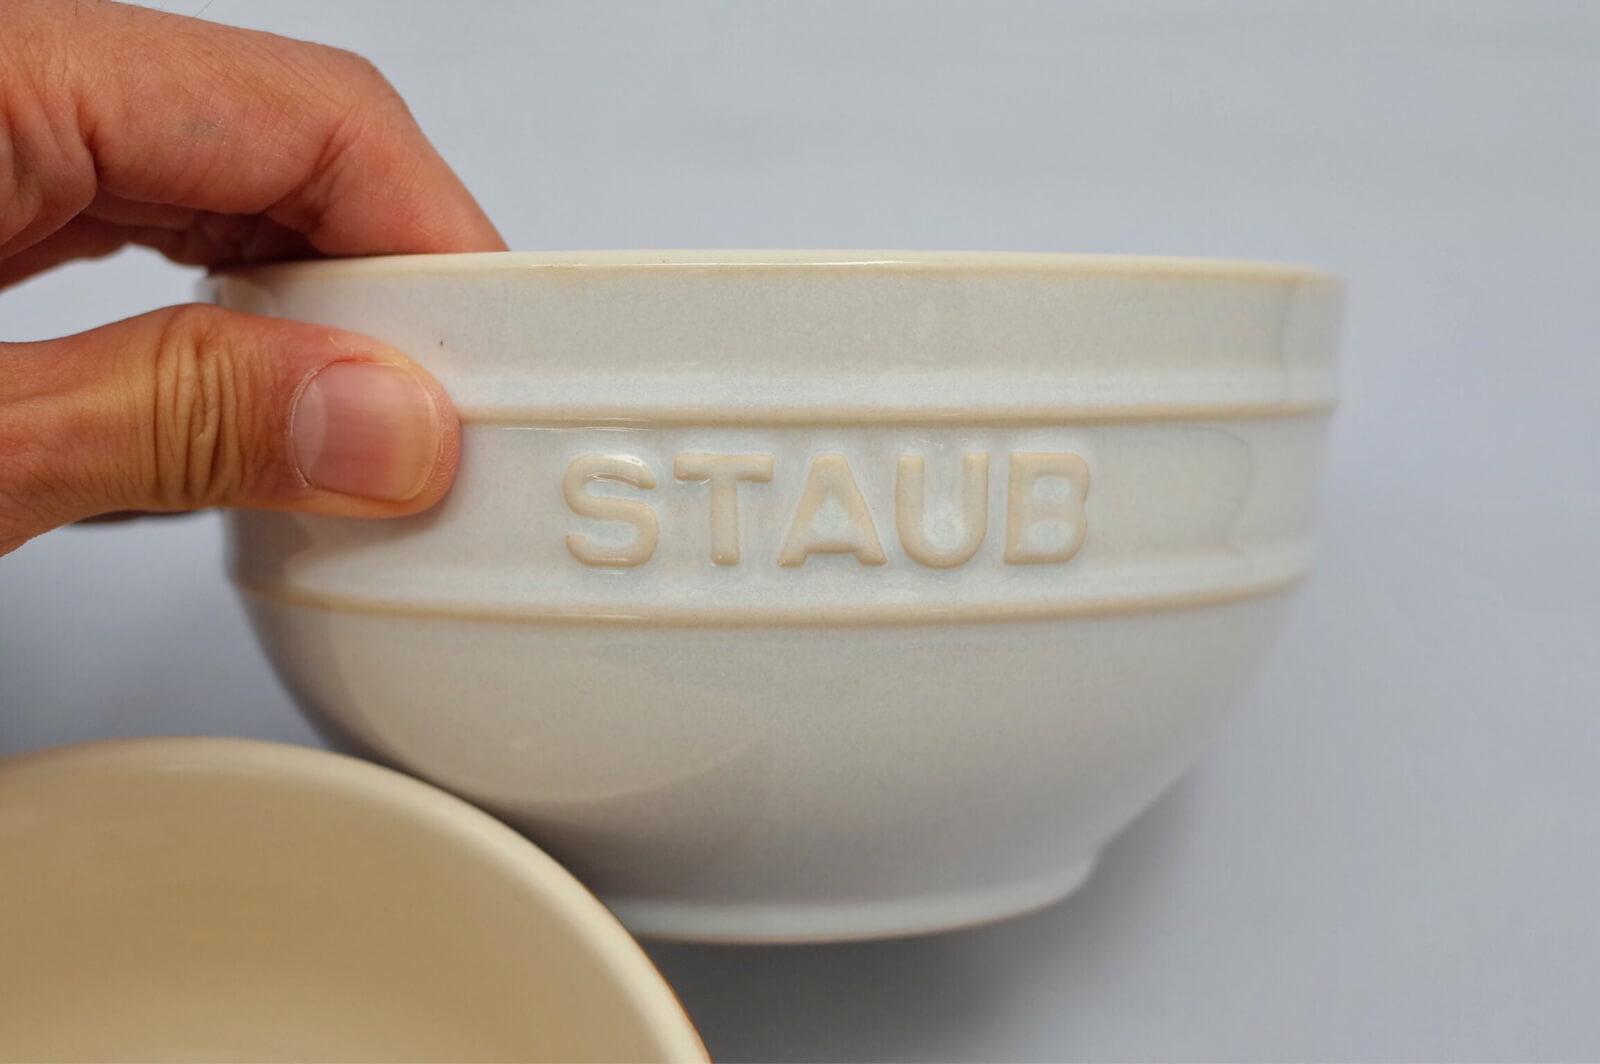 staub セラミック ボウル 14cm アイボリー